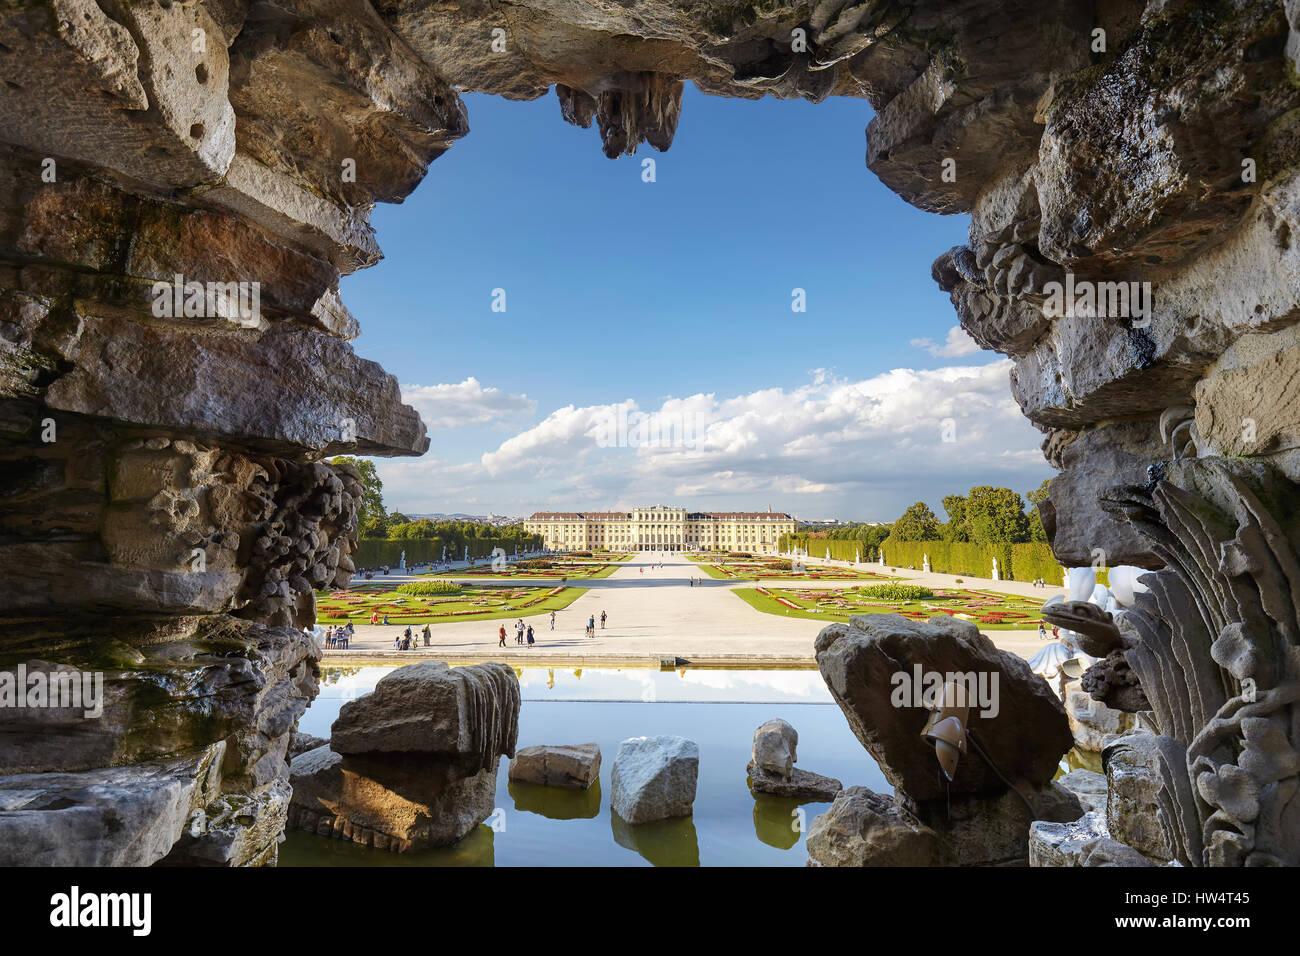 Vienne, Autriche - 14 août 2016: vue sur la fontaine du Palais Schönbrunn, l'ancienne résidence Photo Stock